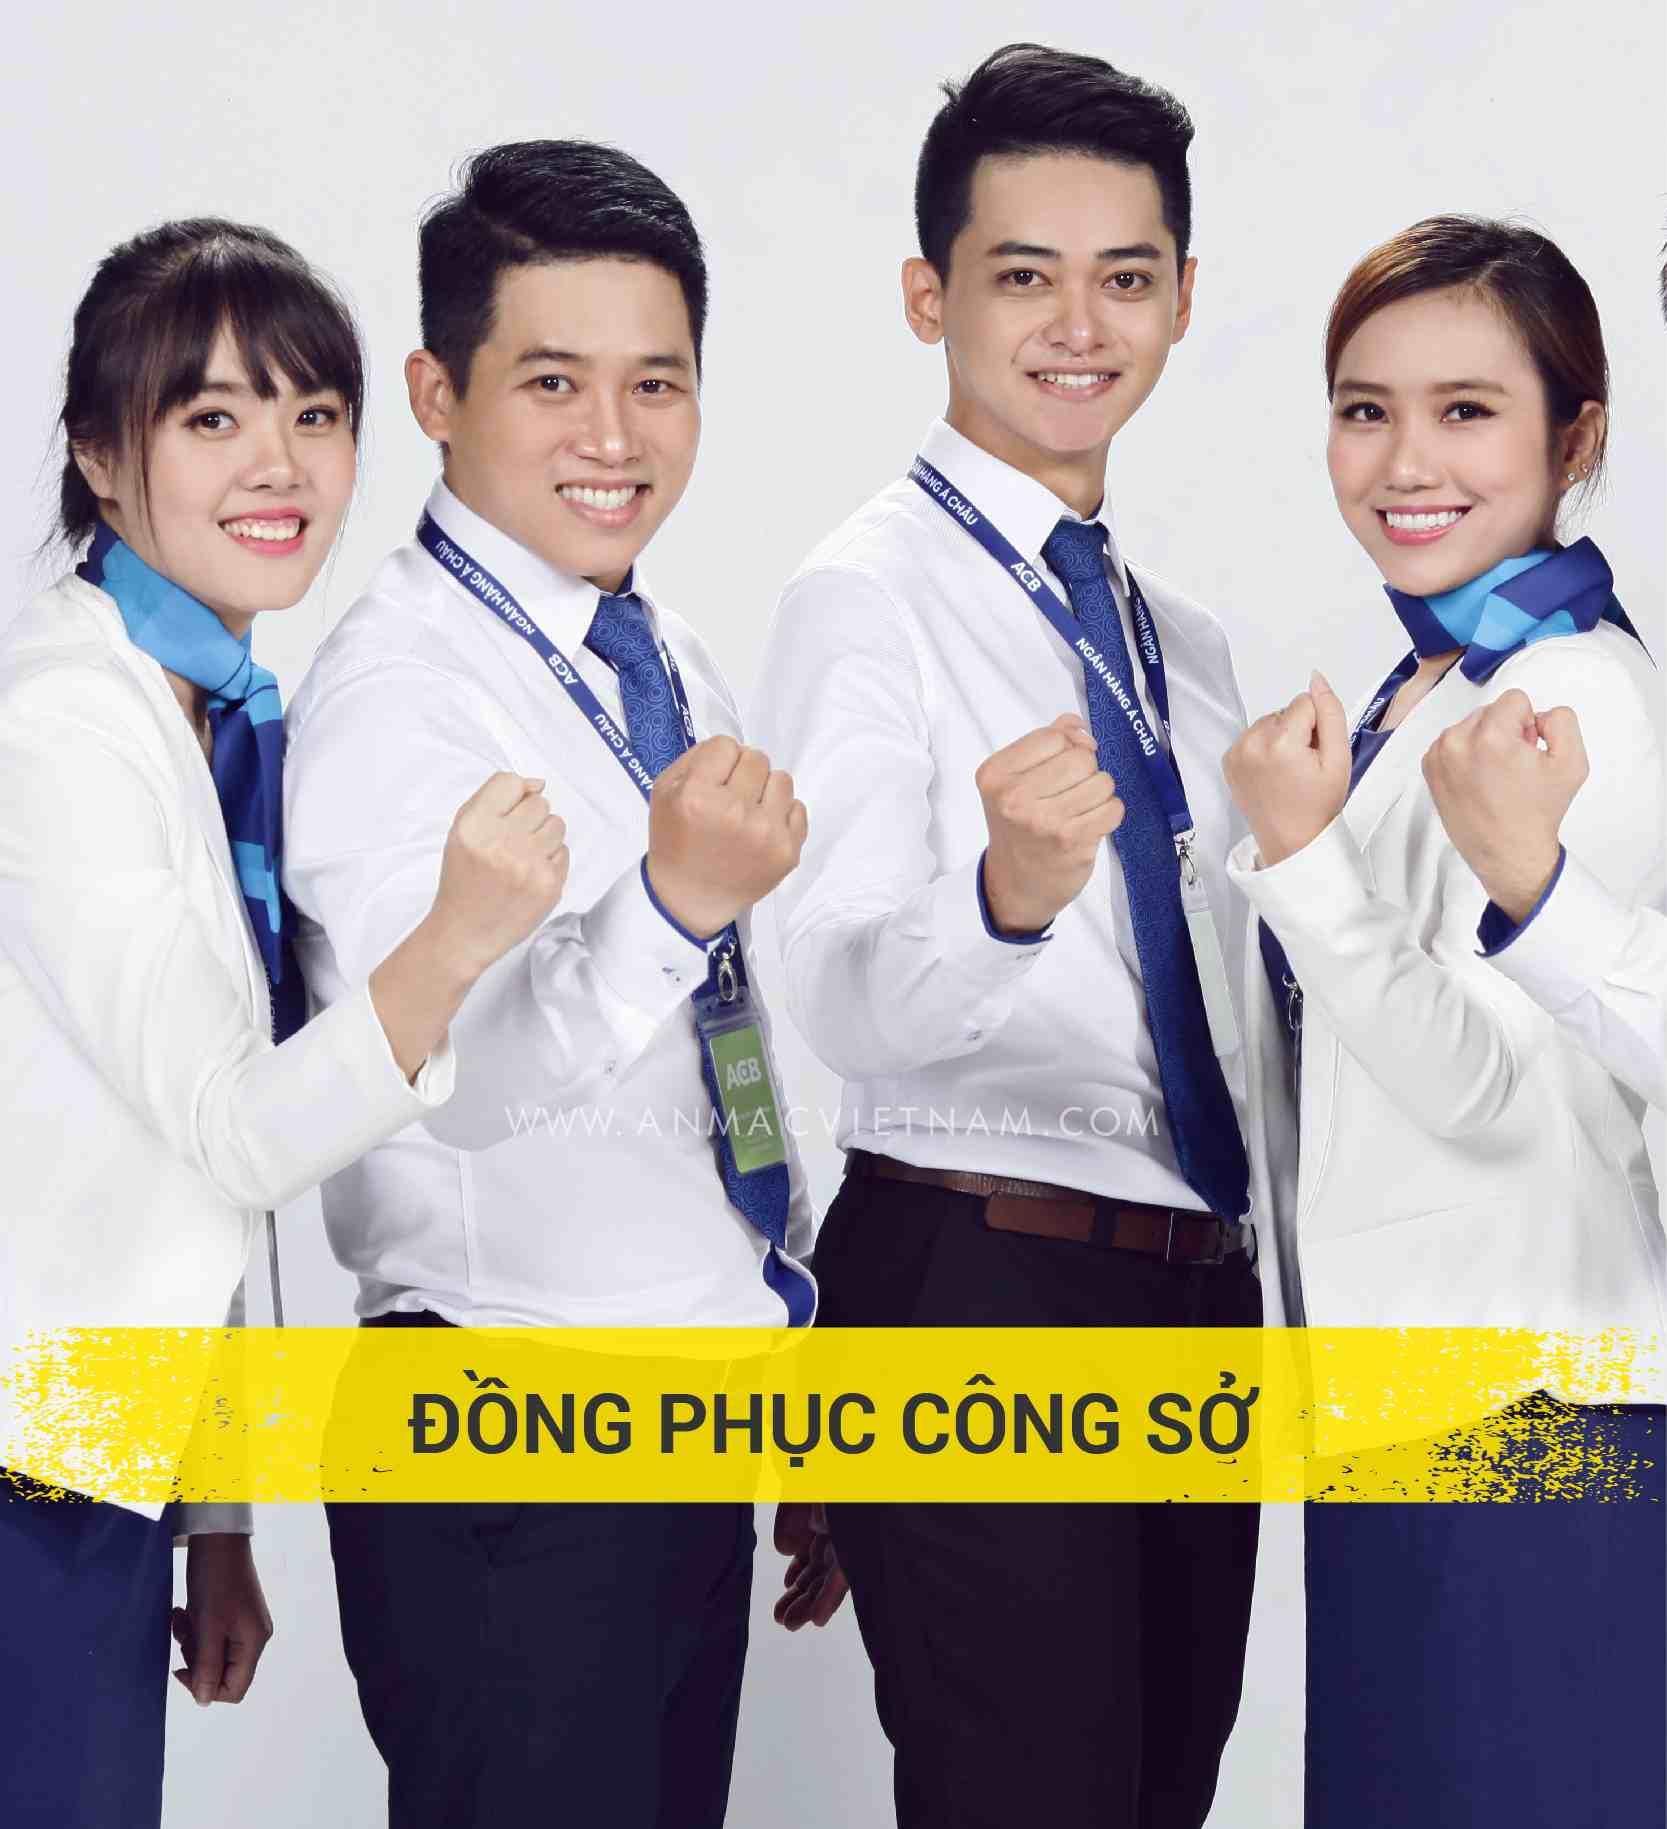 dong-phuc-cong-so Danh mục sản phẩm theo ngành